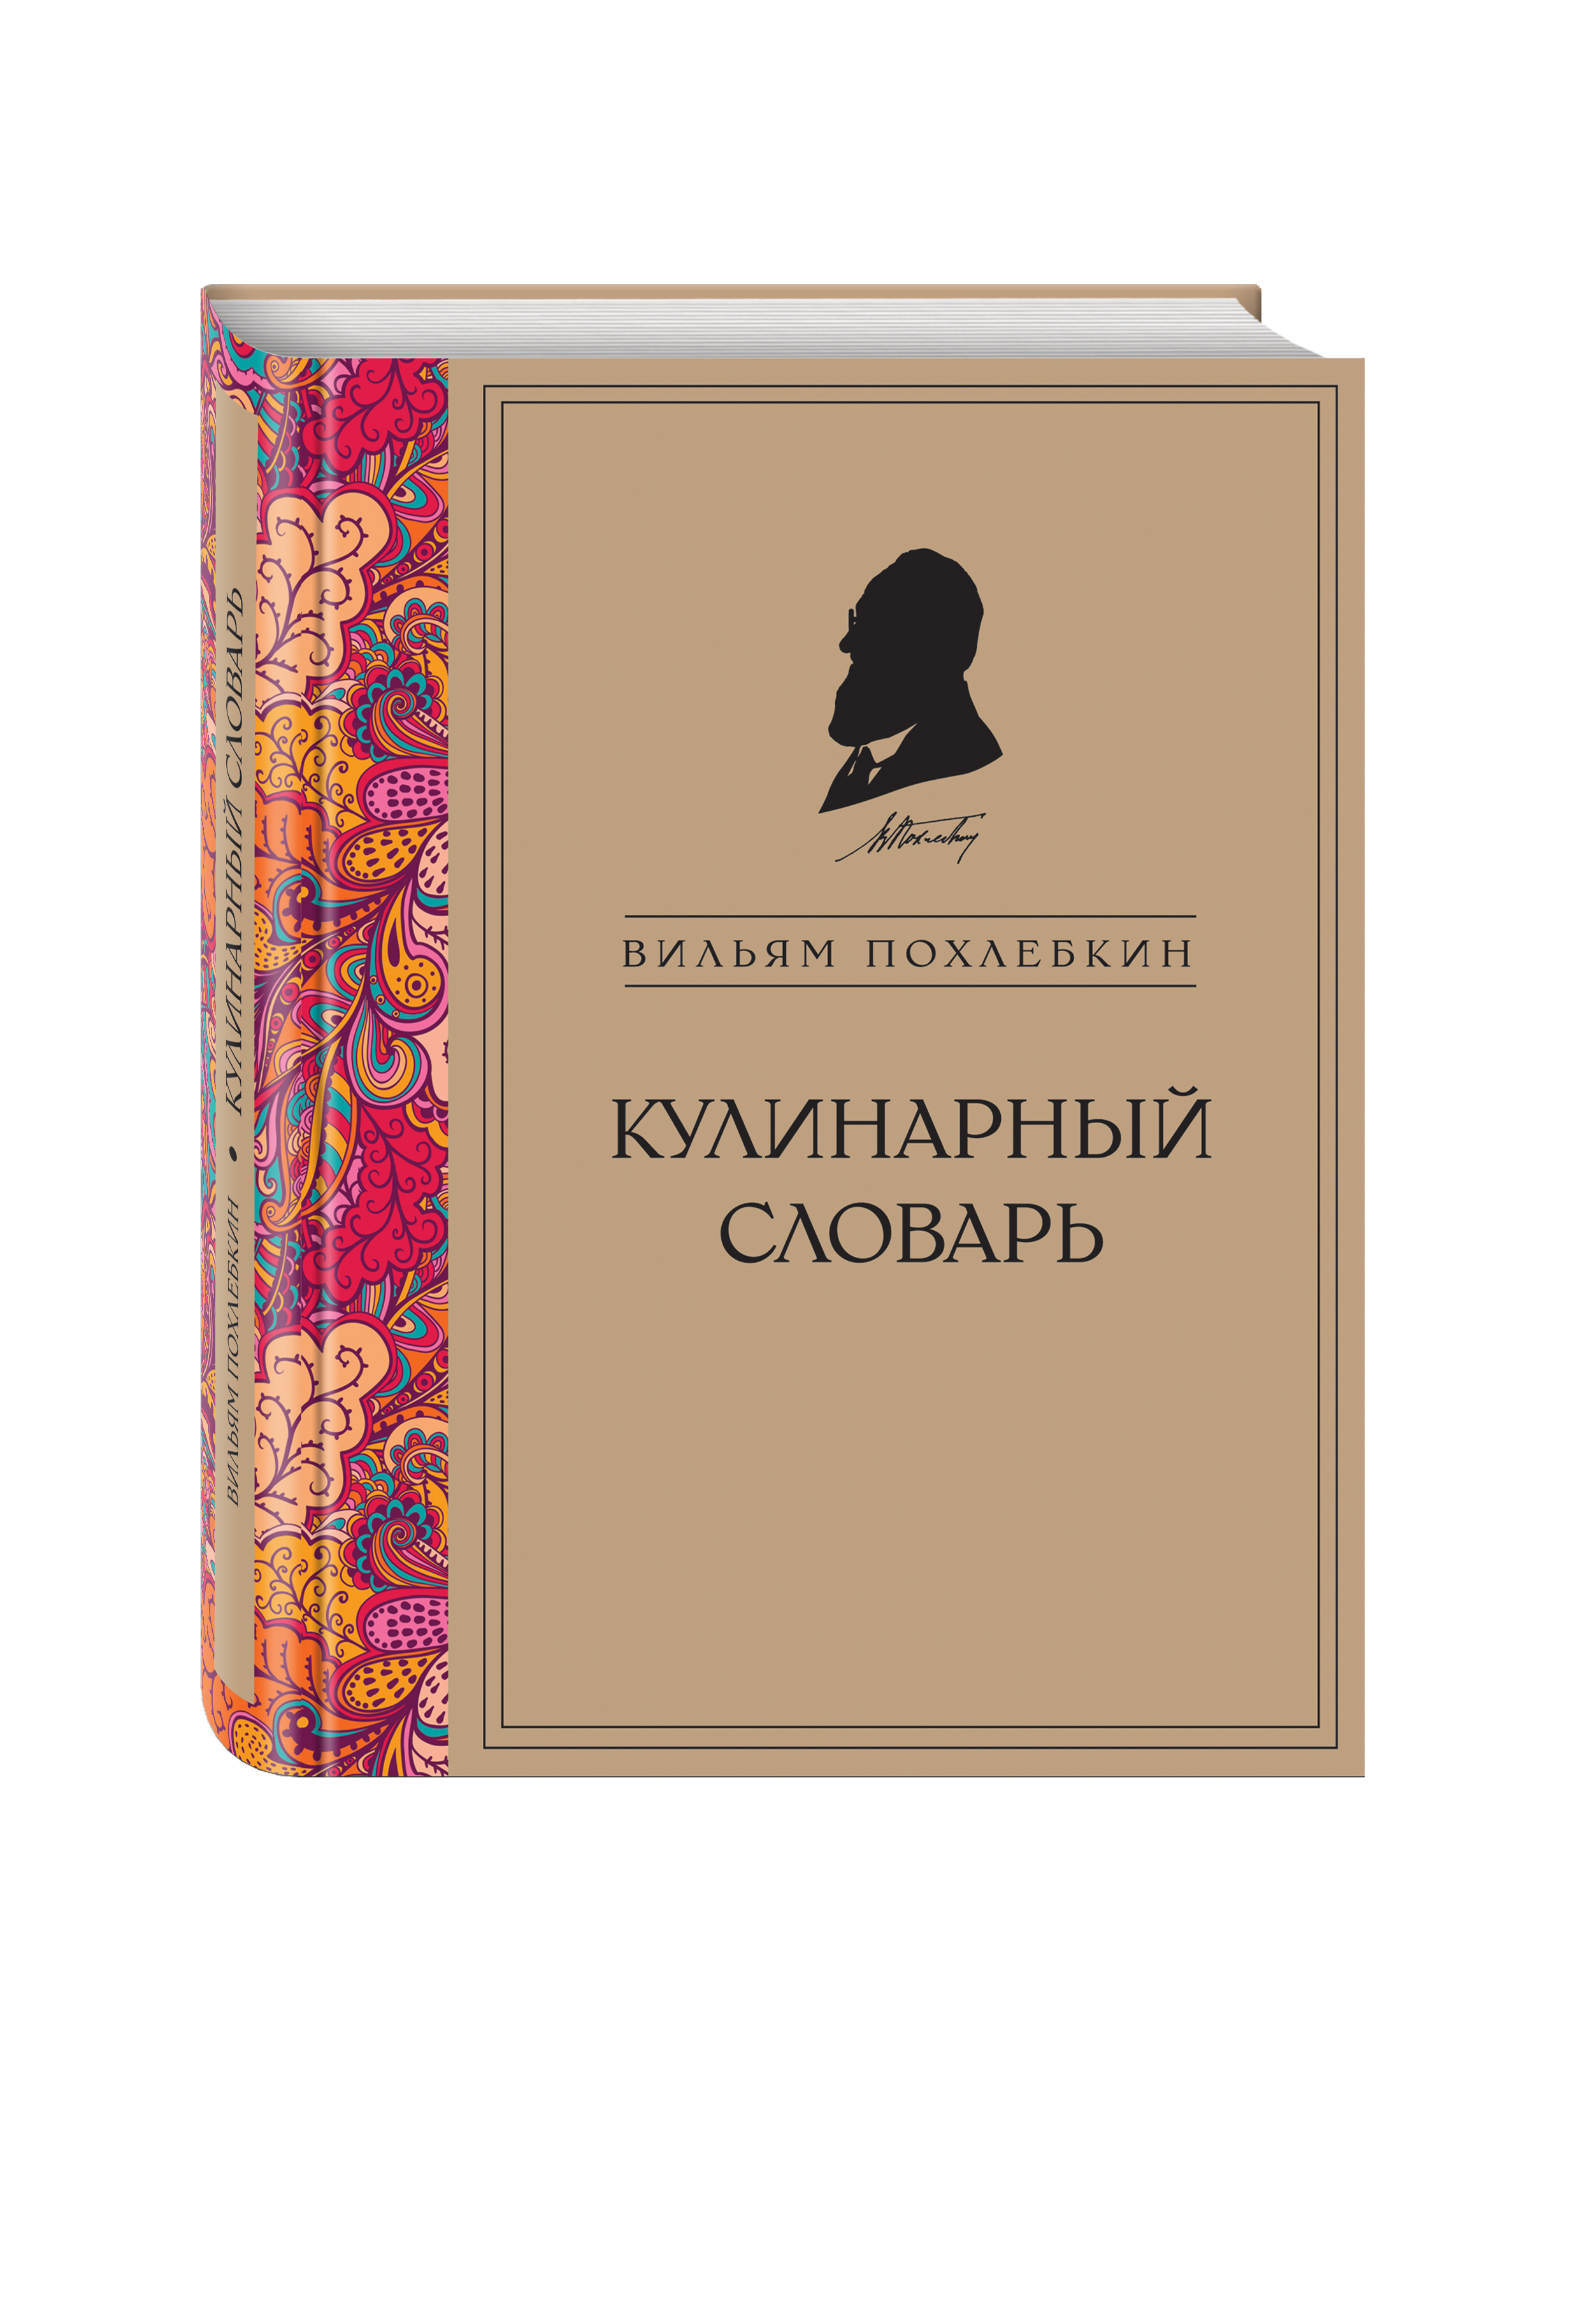 Вильям Похлебкин Кулинарный словарь (серия Кулинария. Похлебкин)